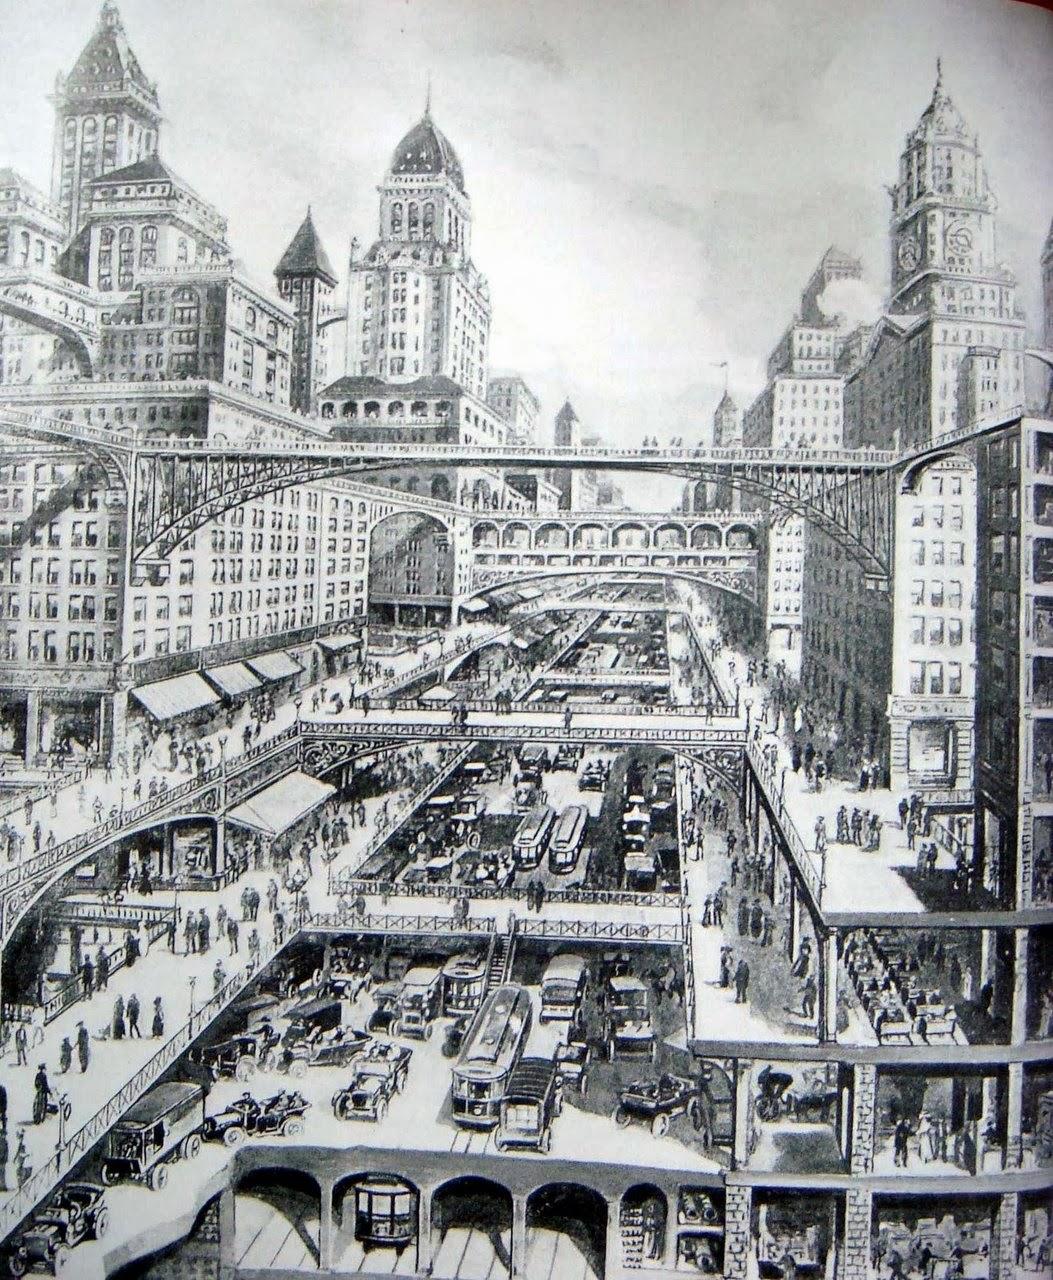 City of future, Corbett - 1913